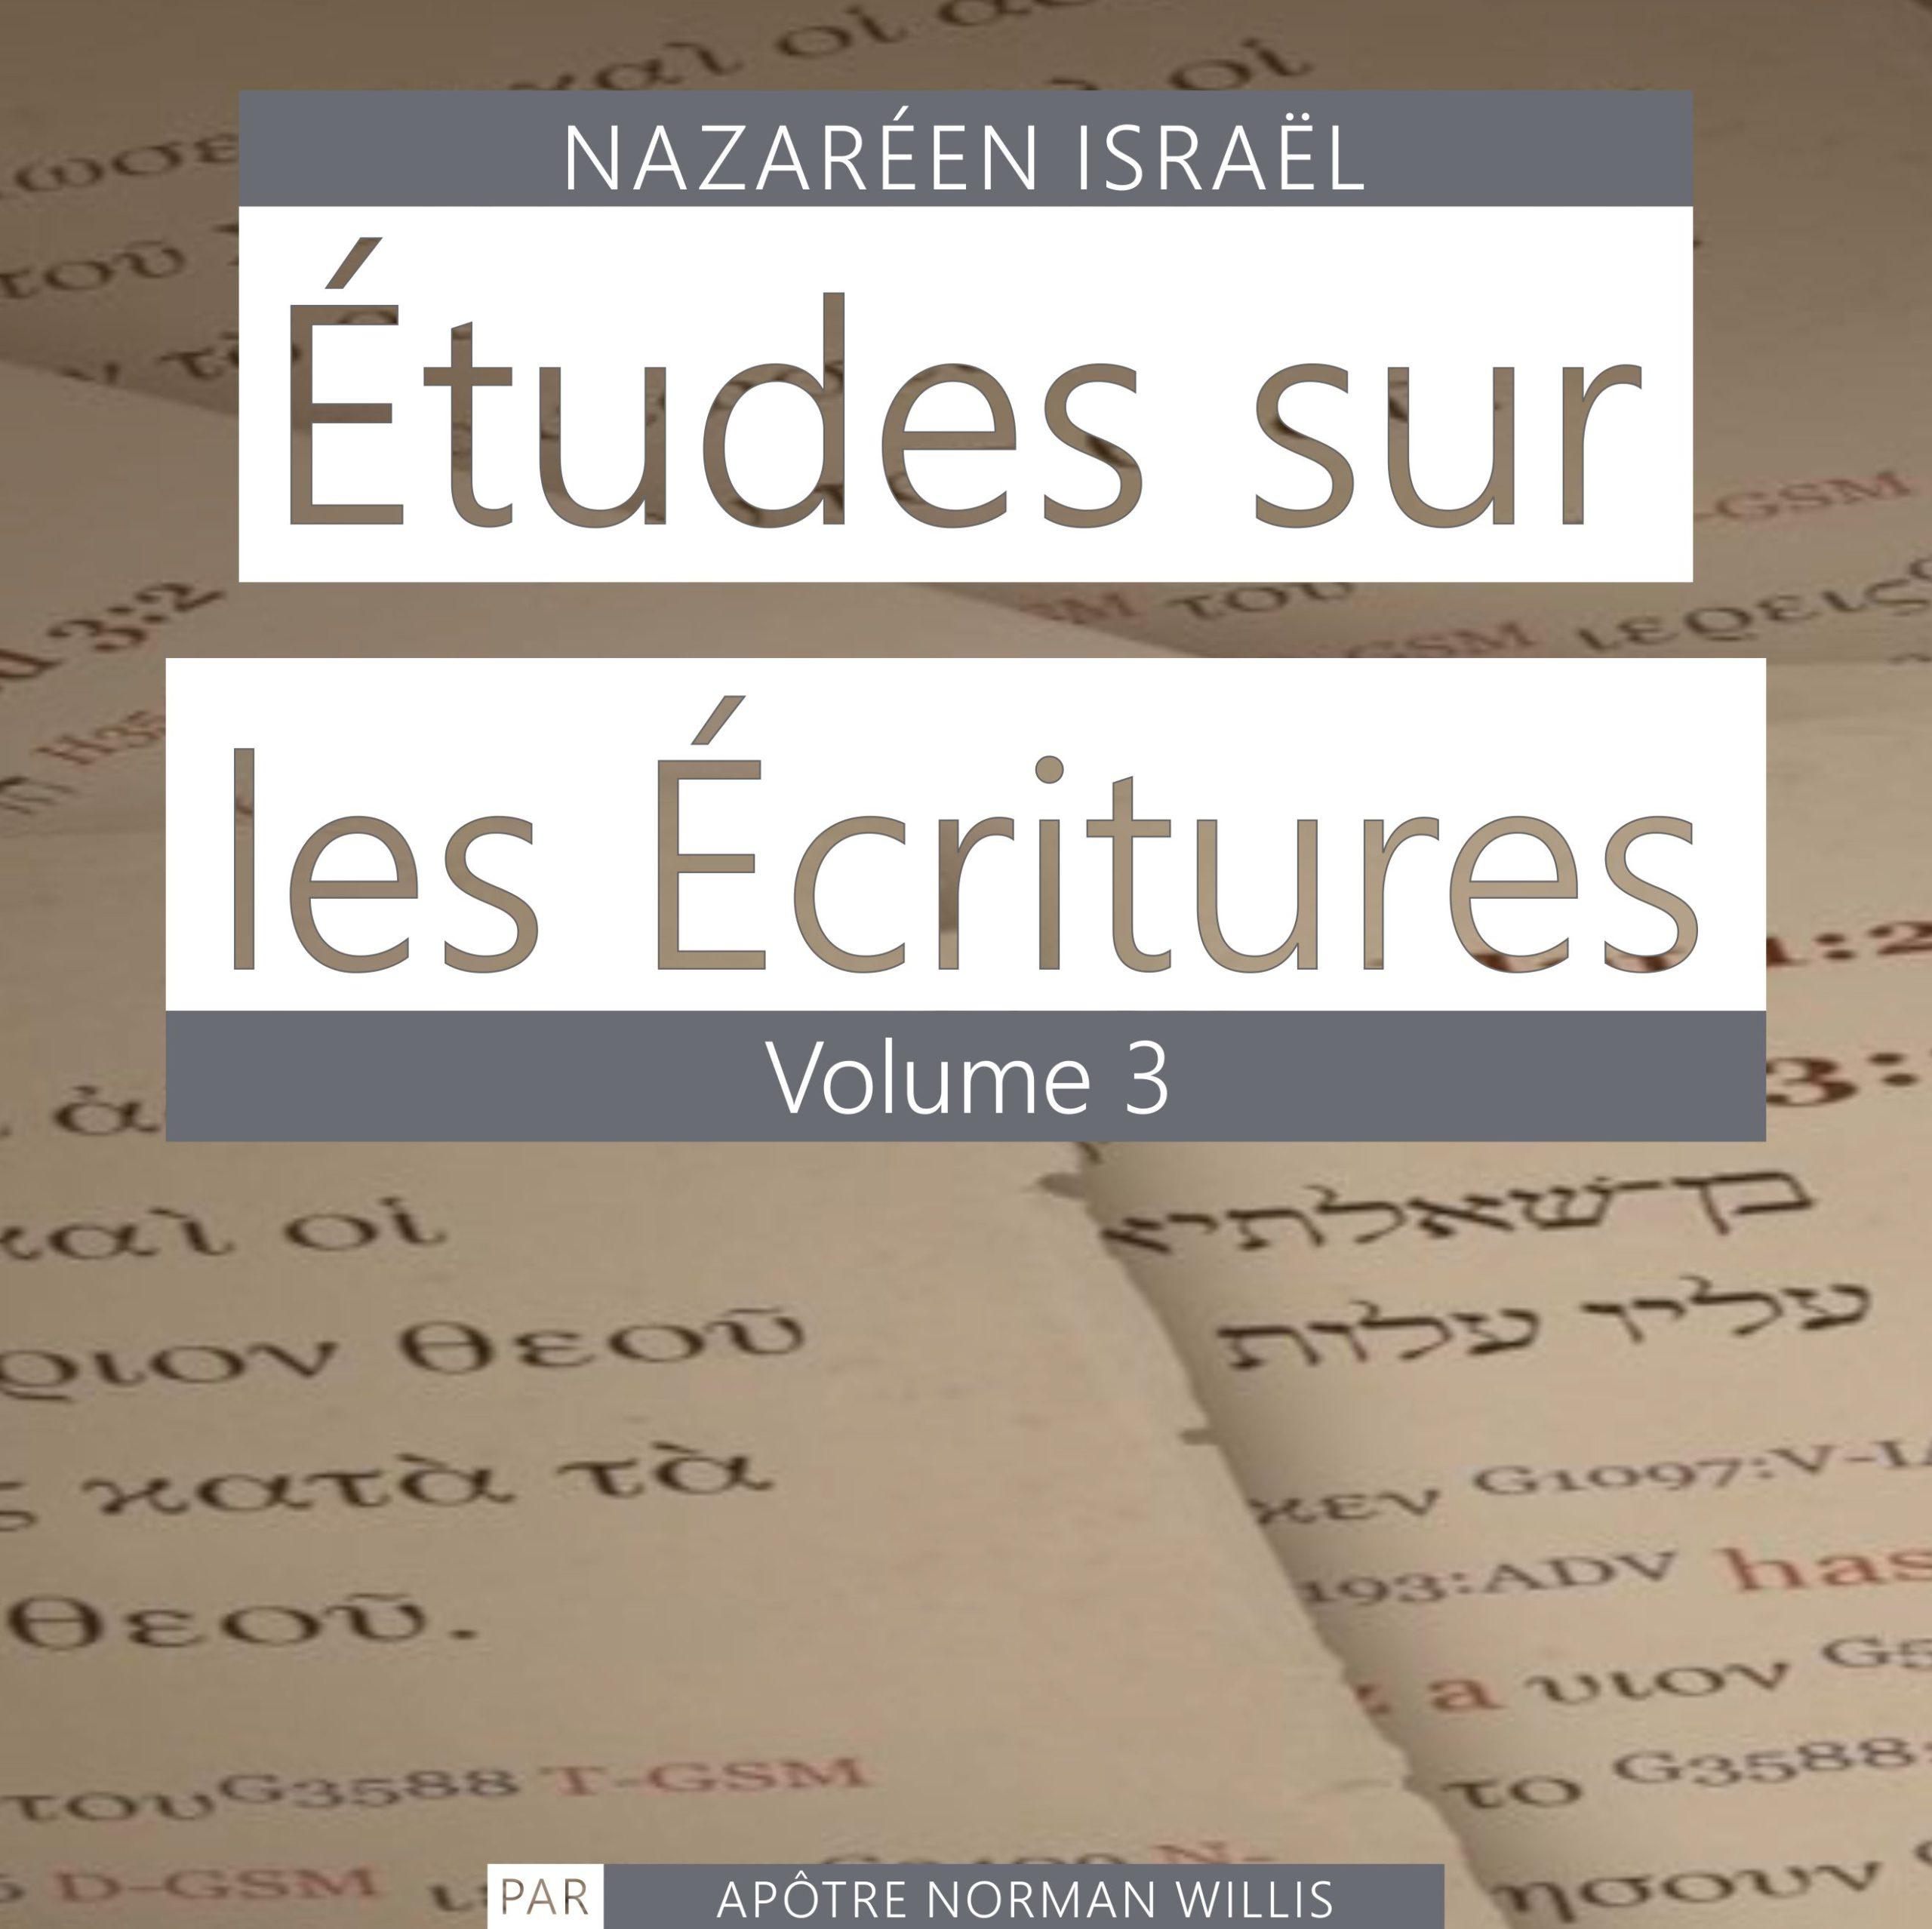 Nazaréen Écriture Etudes Vol. 3